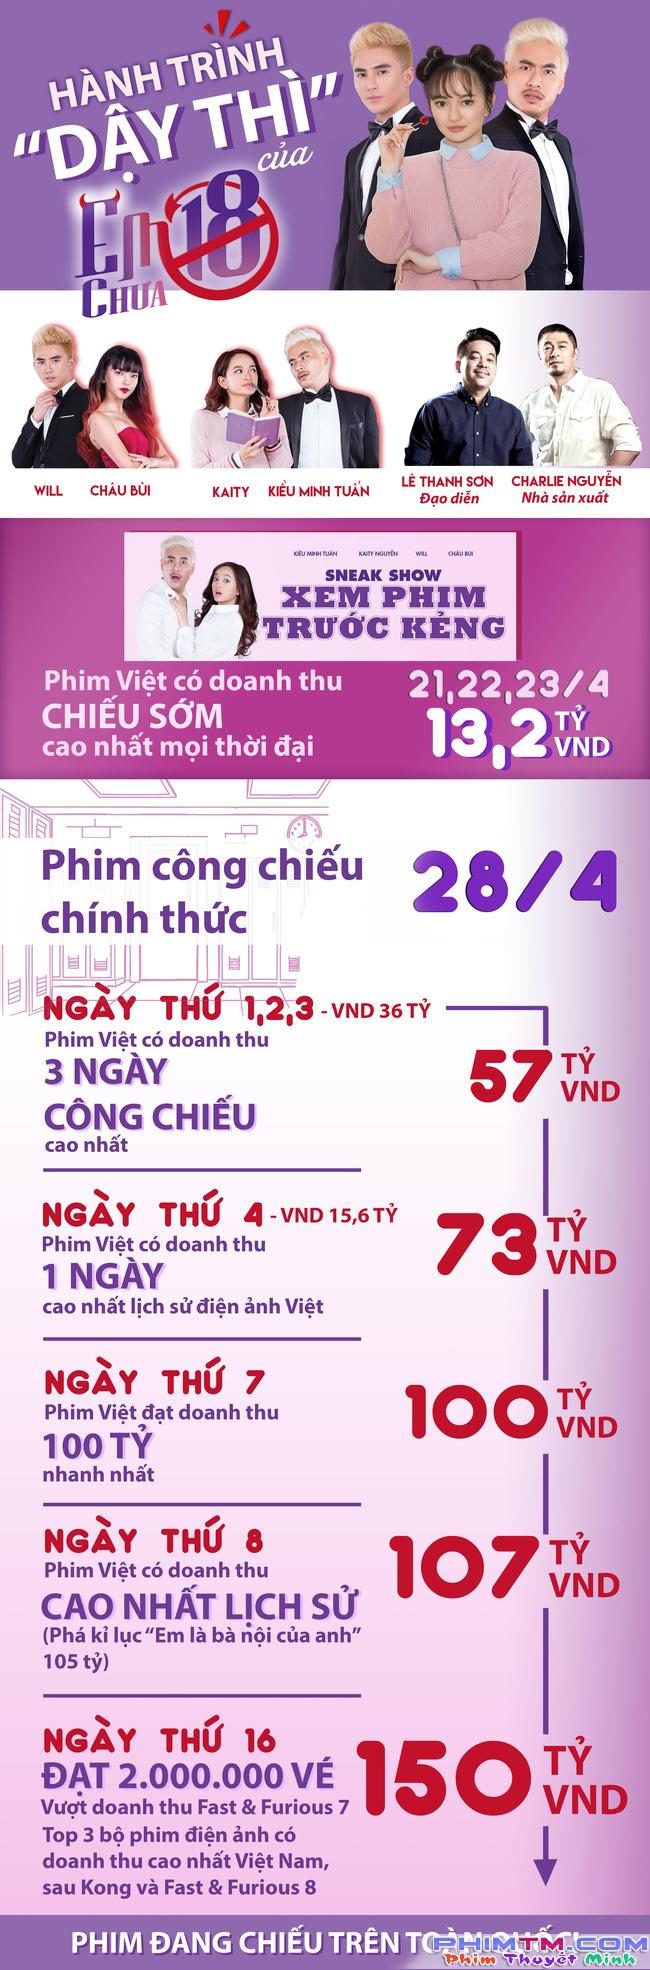 Em chưa 18 cán mốc 150 tỉ đồng, Kaity Nguyễn tái xuất trong phim remake của Charlie Nguyễn - Ảnh 1.